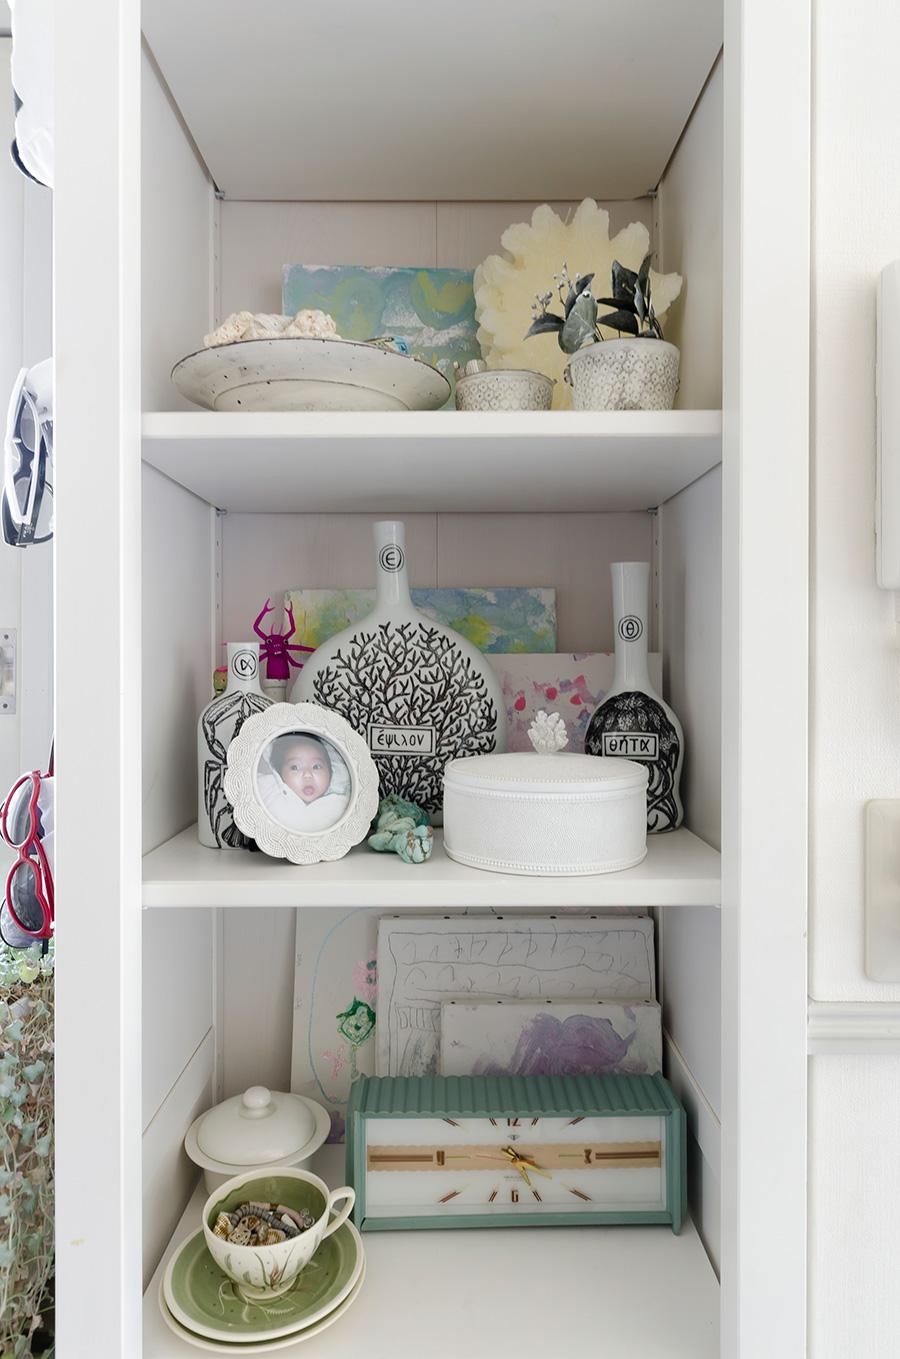 スージー・クーパーのコーヒーカップや、子どもの思い出の品など。白をベースに飾り付け。